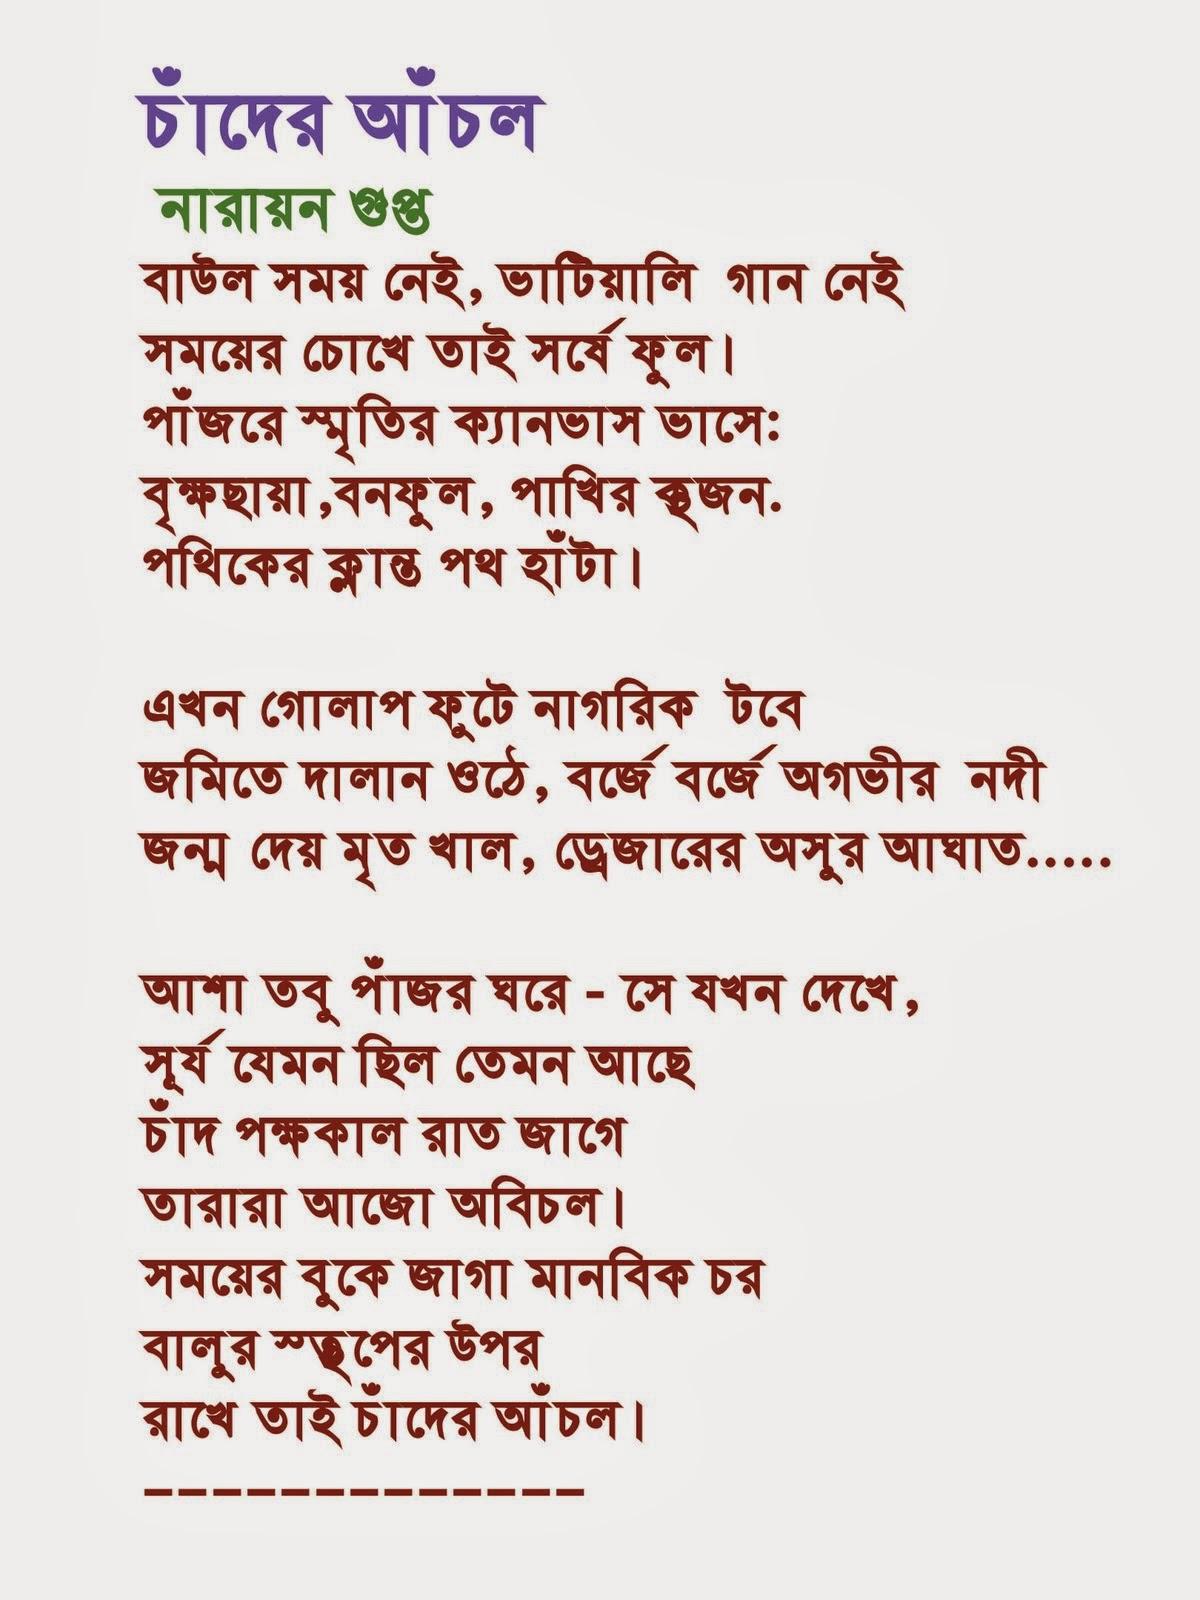 Bangla Love Poem Collection | 10 Best Of Bangla Love Poem